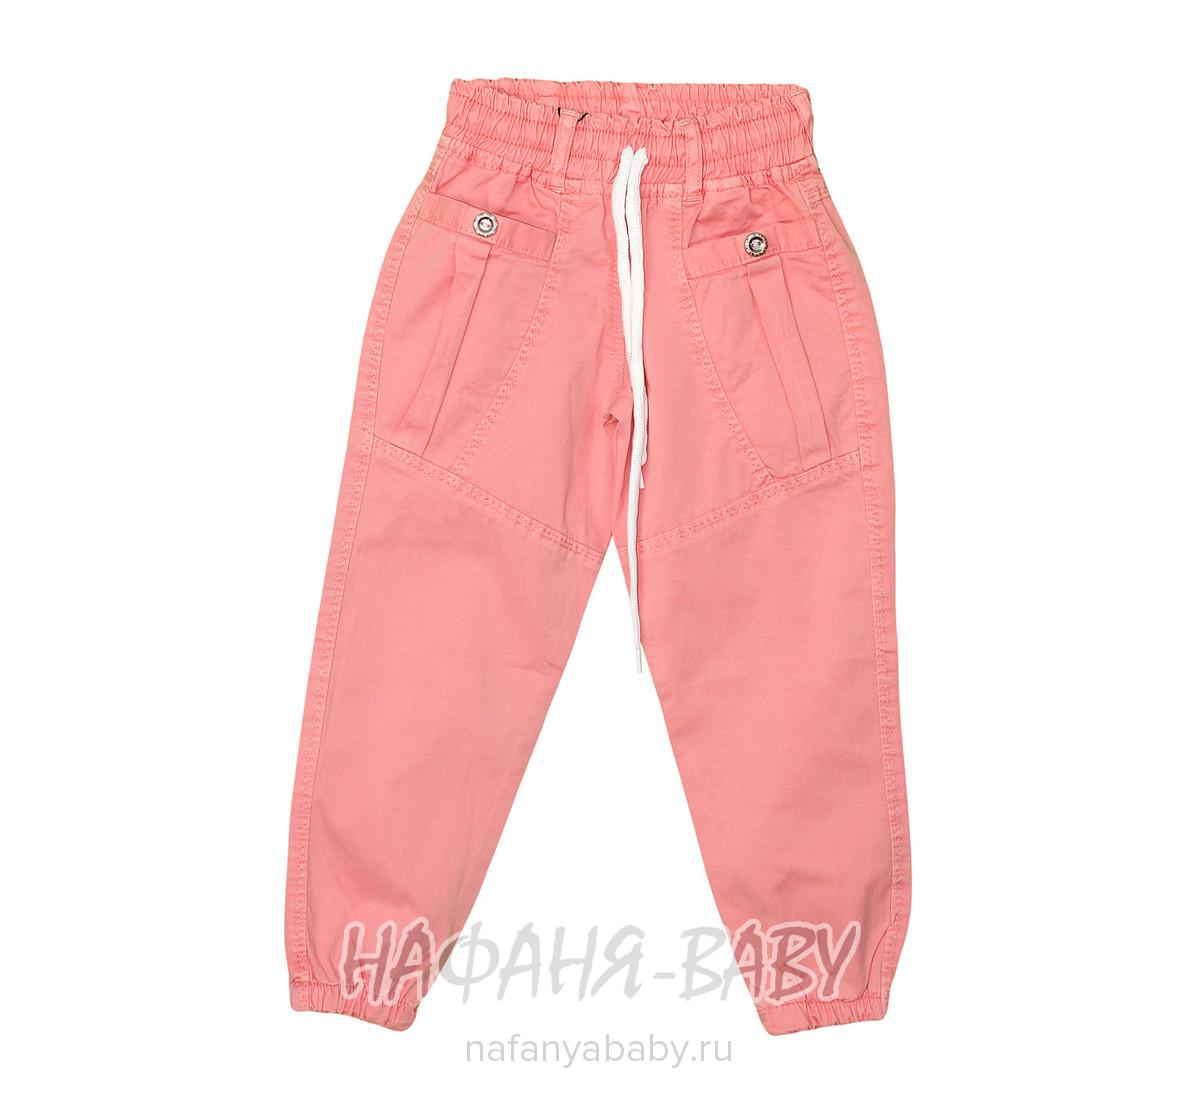 Детские брюки для девочки YAVRUCAK арт: 7126, 1-4 года, 5-9 лет, оптом Турция